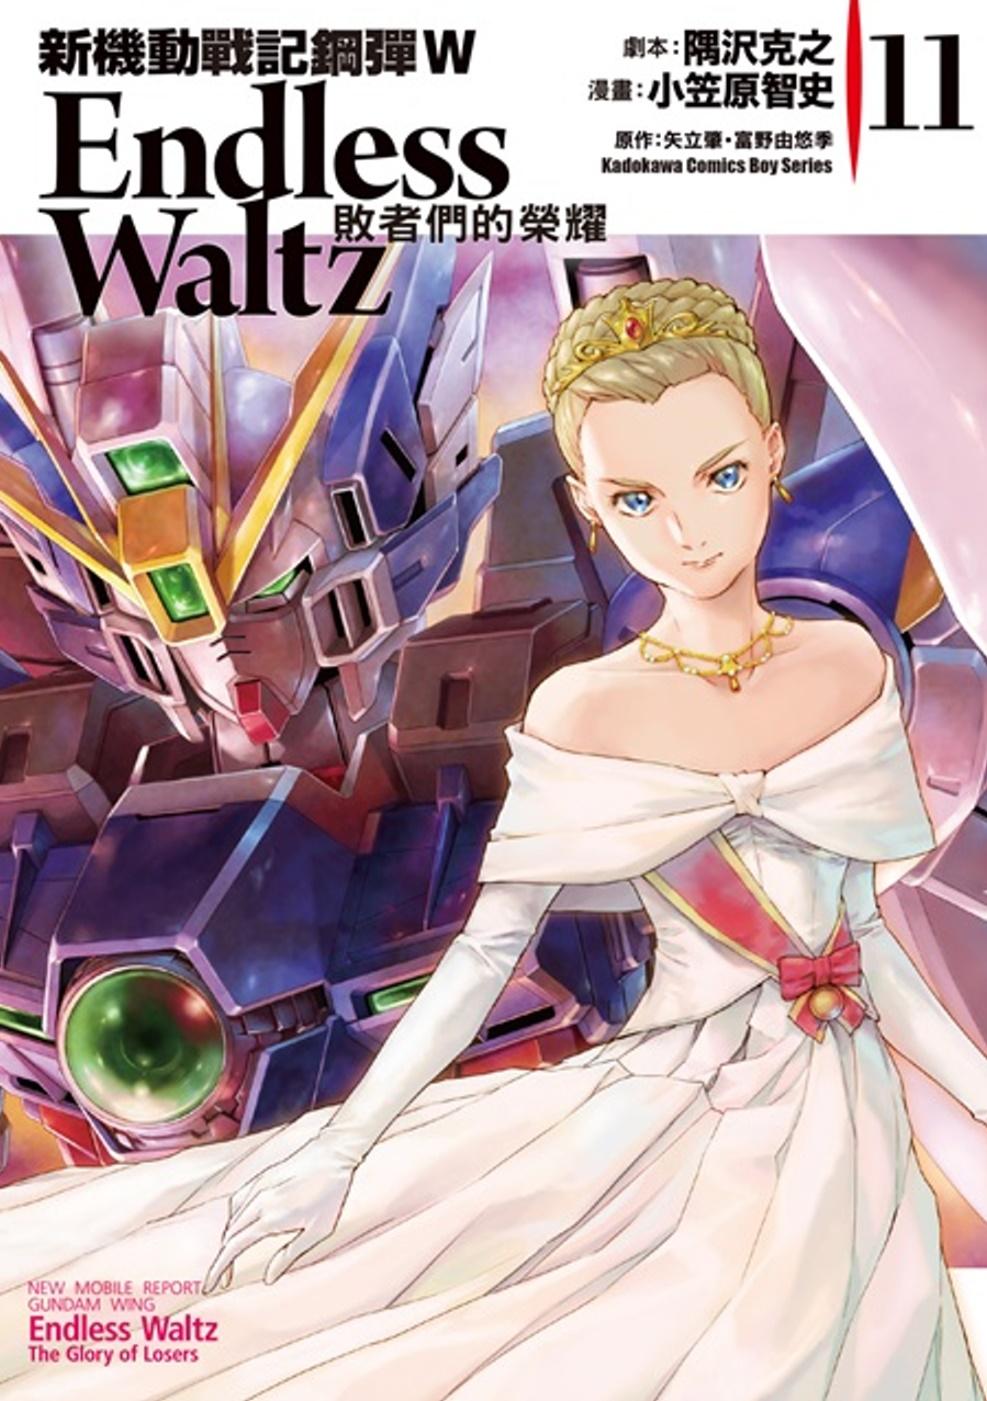 新機動戰記鋼彈W Endless Waltz 敗者們的榮耀 11